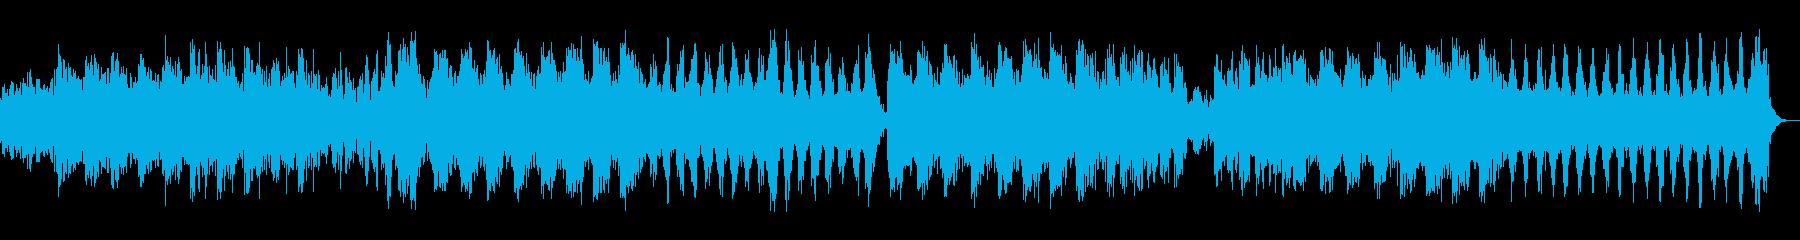 フェルトピアノを使ったネオクラシカルの再生済みの波形